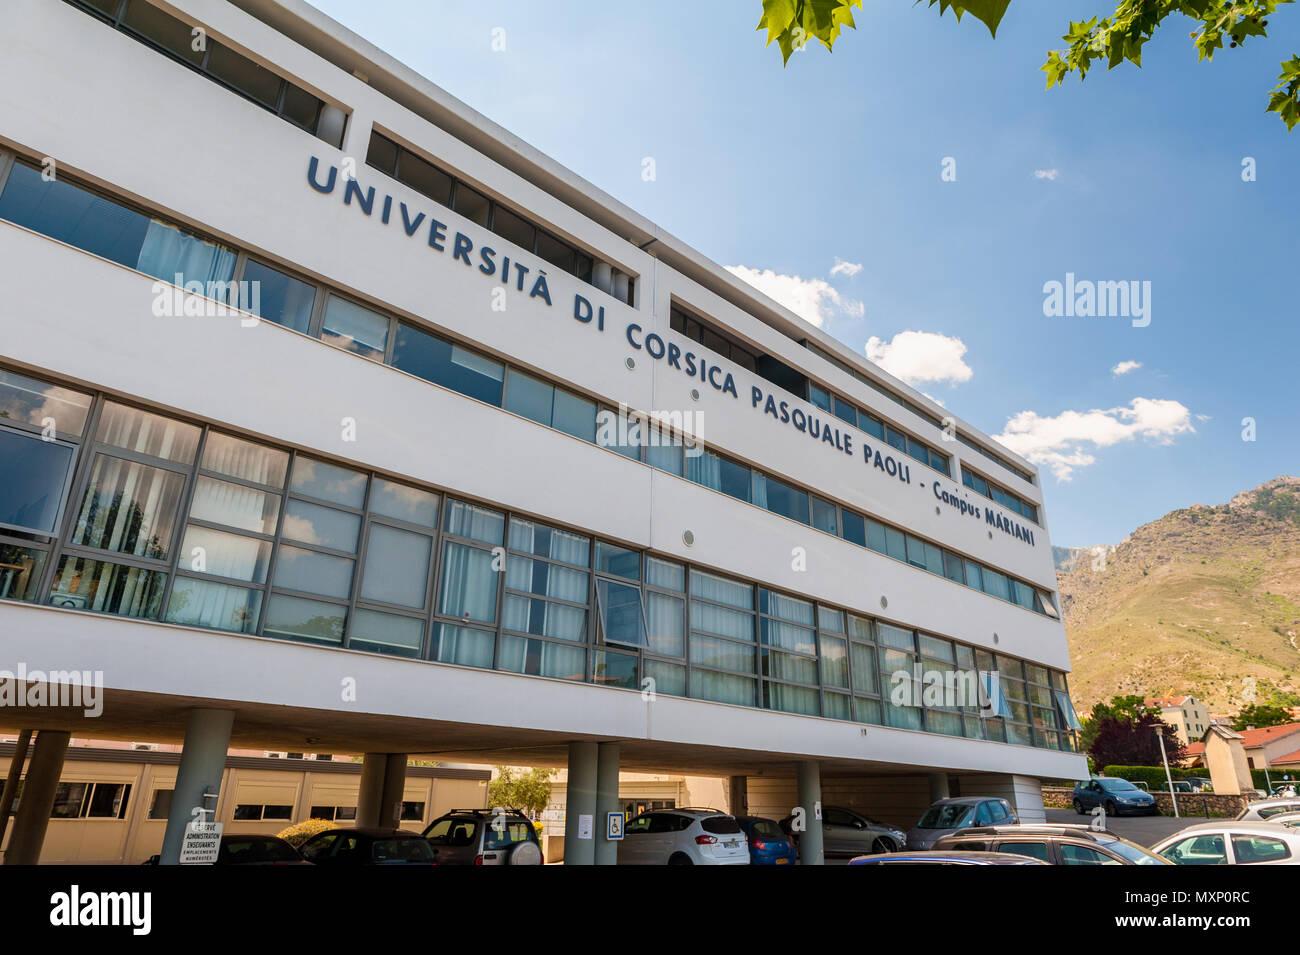 Die Universität von Korsika Pasquale Paoli ist eine französische Universität in Corte, Korsika, Frankreich. Pasquale Paoli war einer korsischen Patrioten. Stockbild